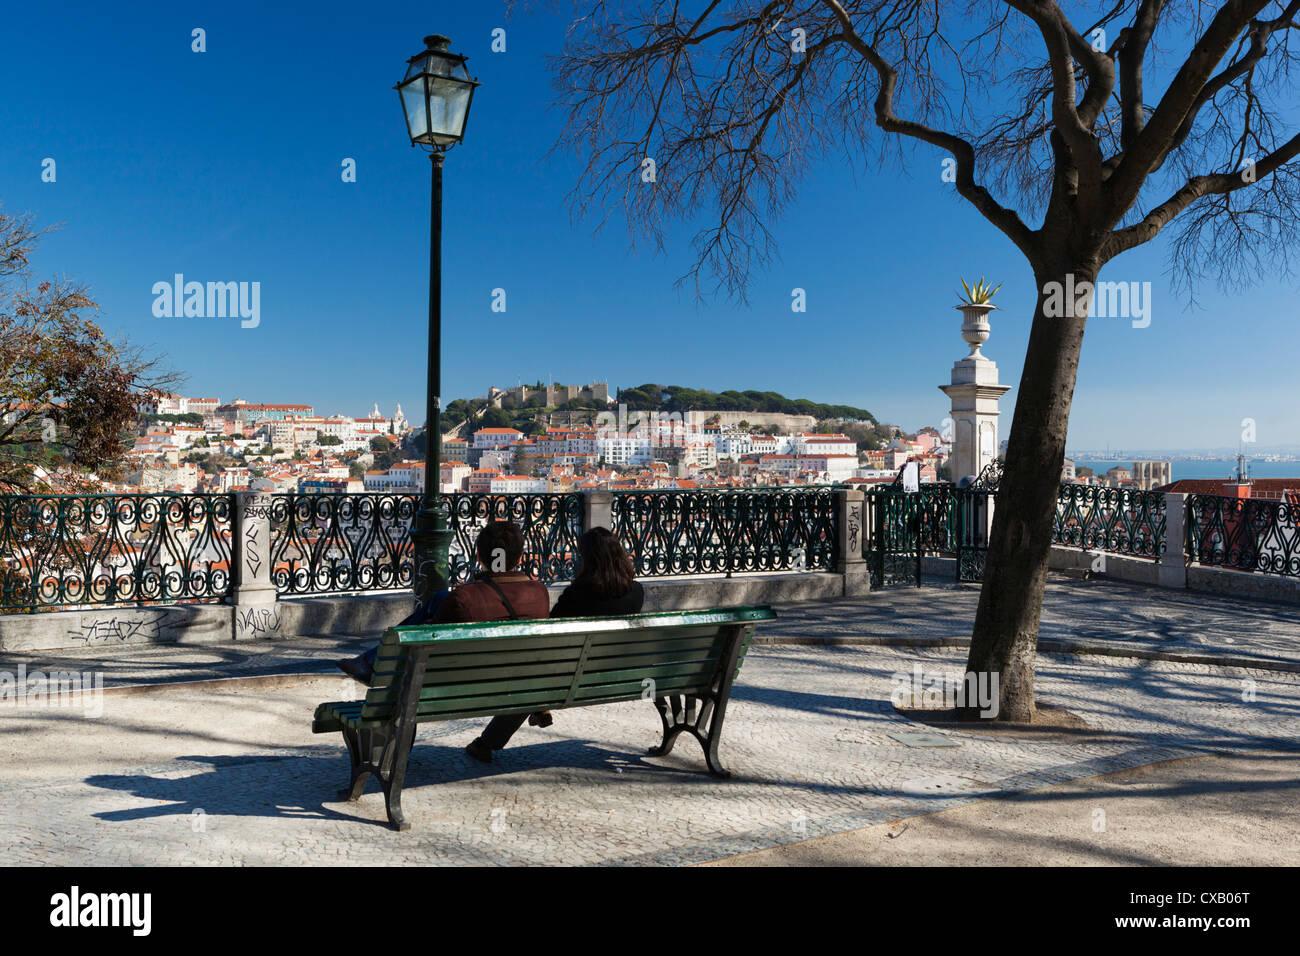 View over city from Miradouro de Sao Pedro de Alcantara, Bairro Alto, Lisbon, Portugal, Europe - Stock Image